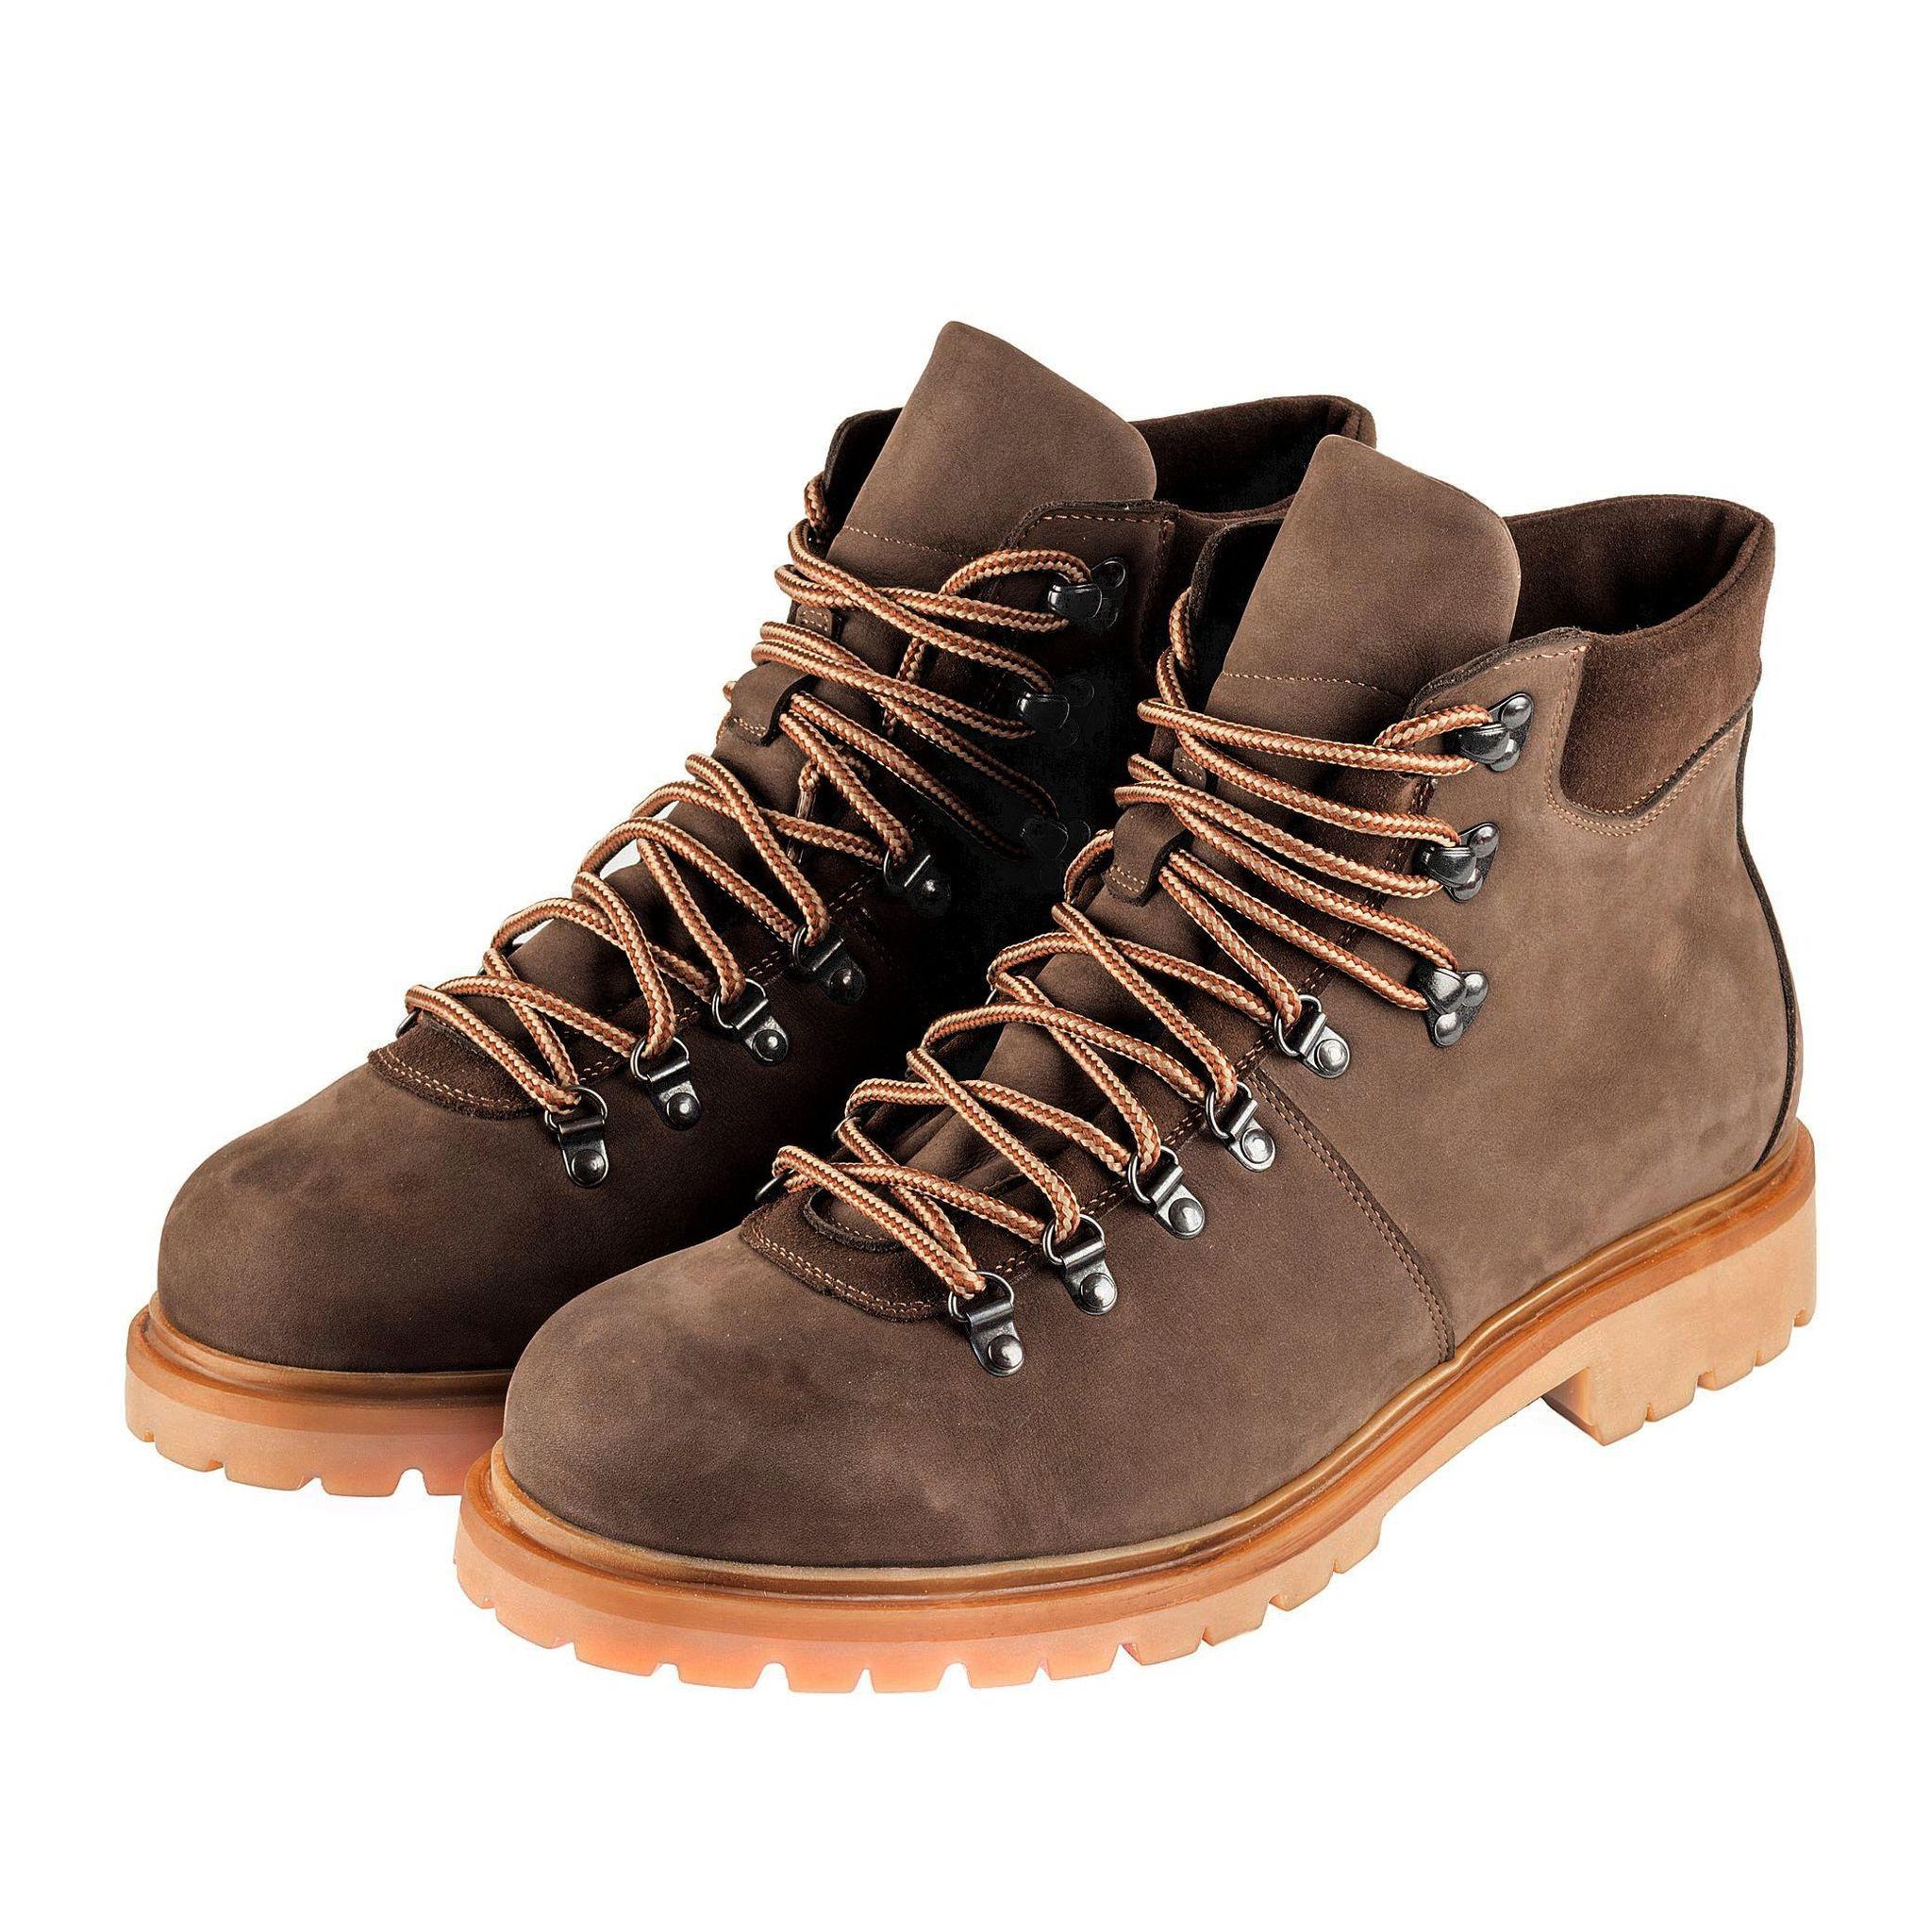 680478 ботинки мужские евро больших размеров марки Делфино